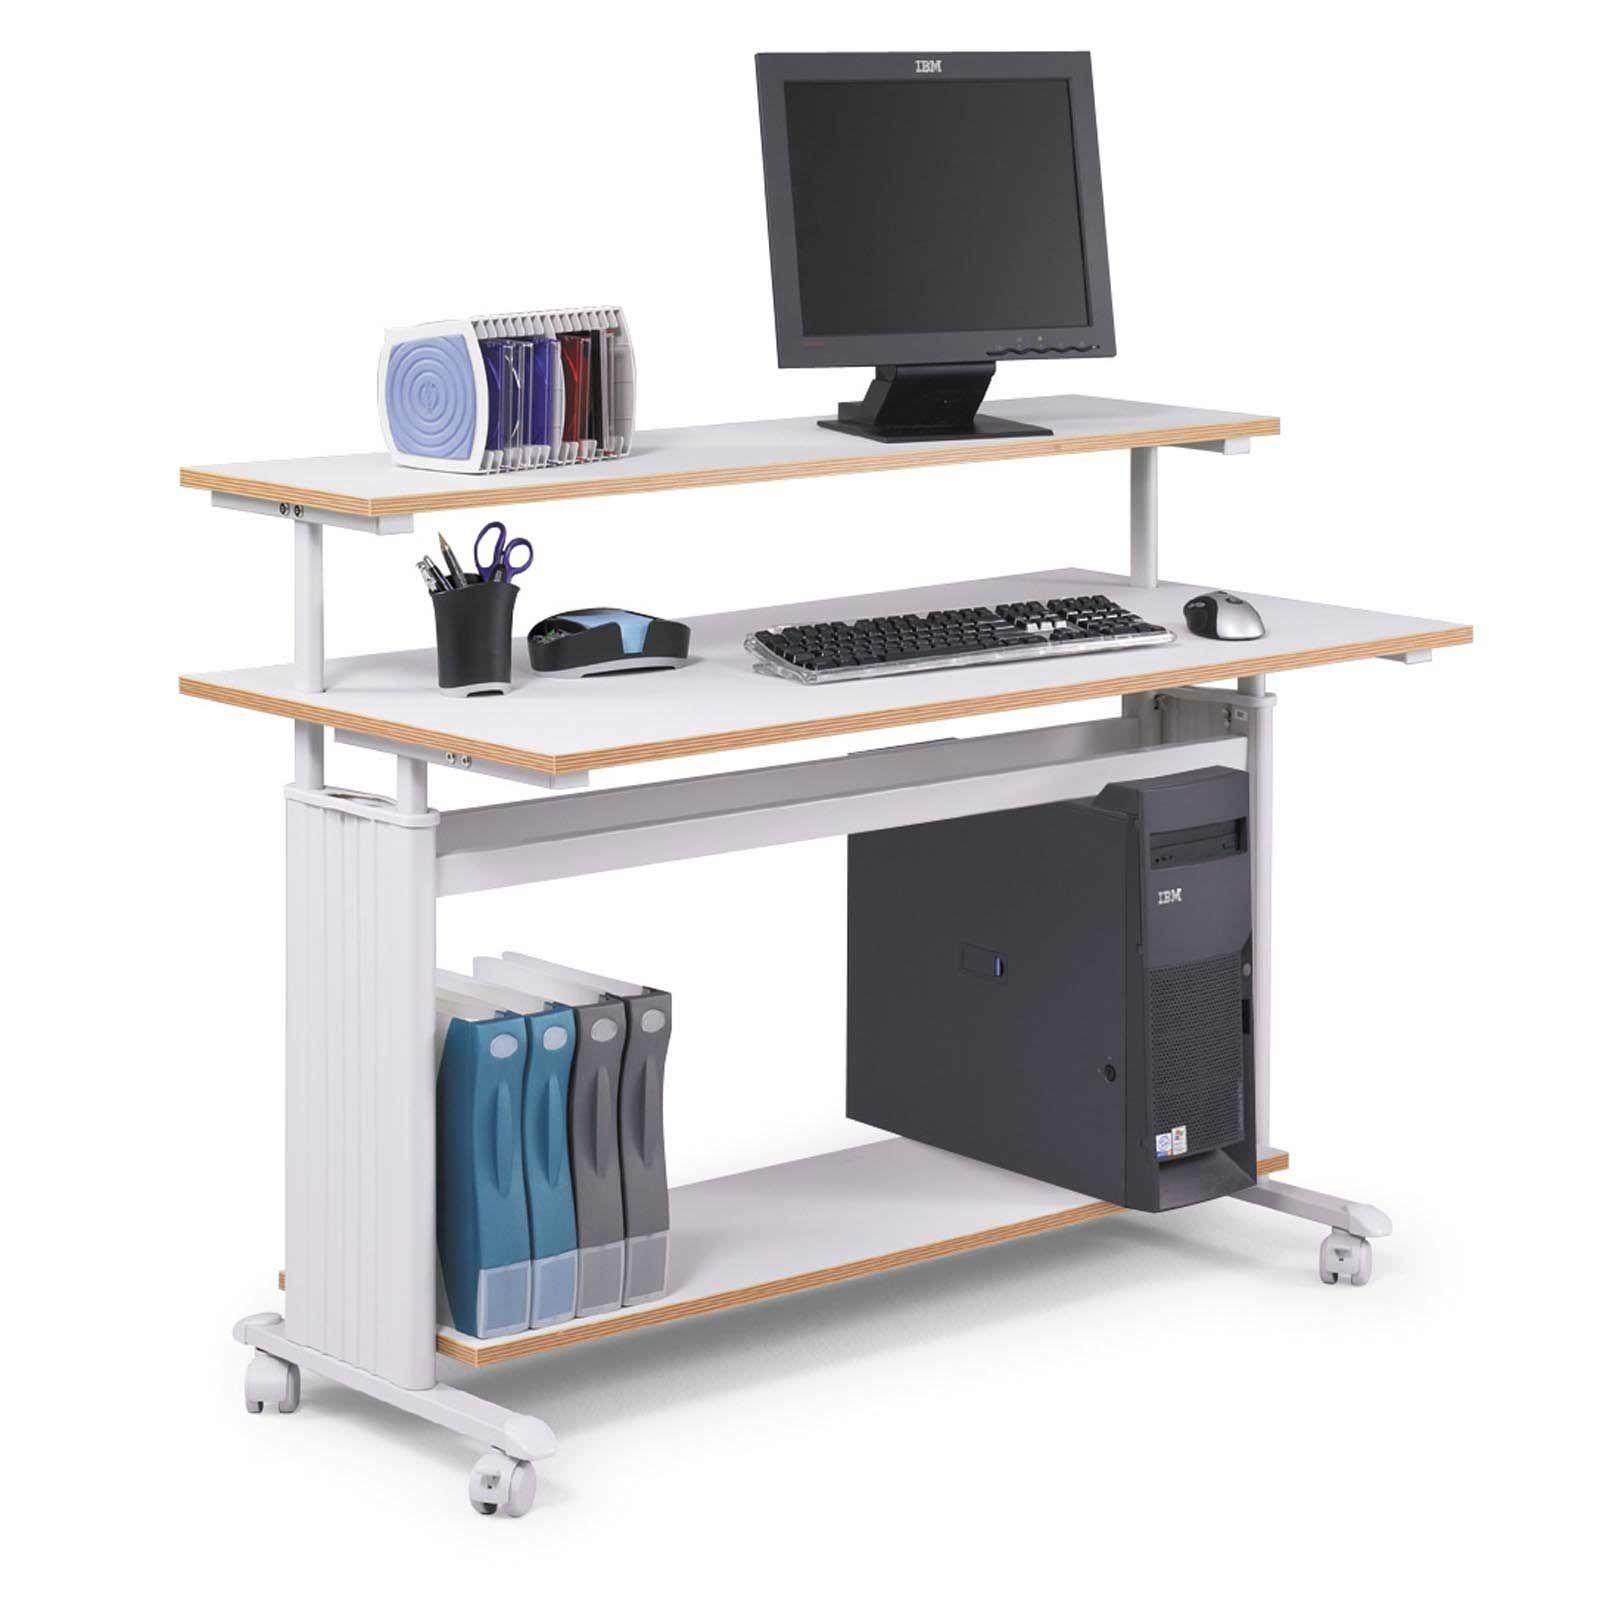 Workstation Desk Design computer workstation desk - http://desks.skoffphoto/computer